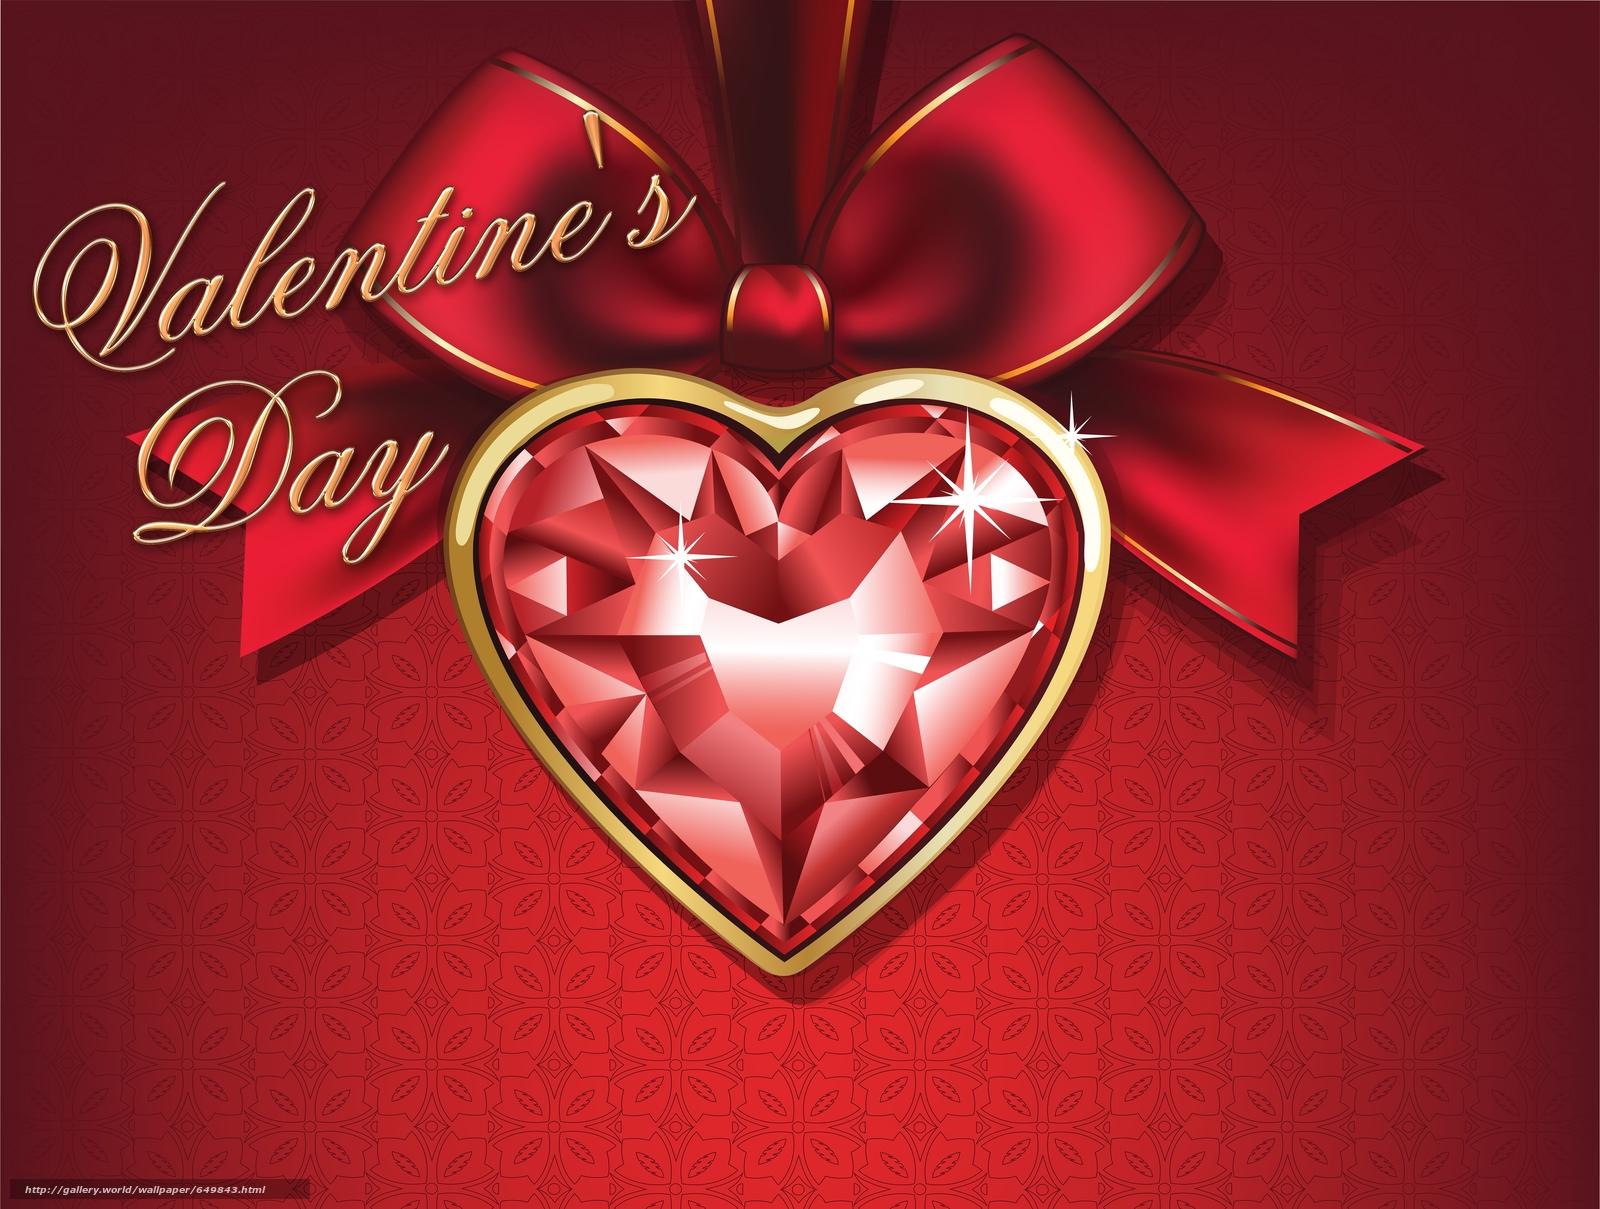 Валентинки на 14 февраля: как сделать красивую открытку своими руками